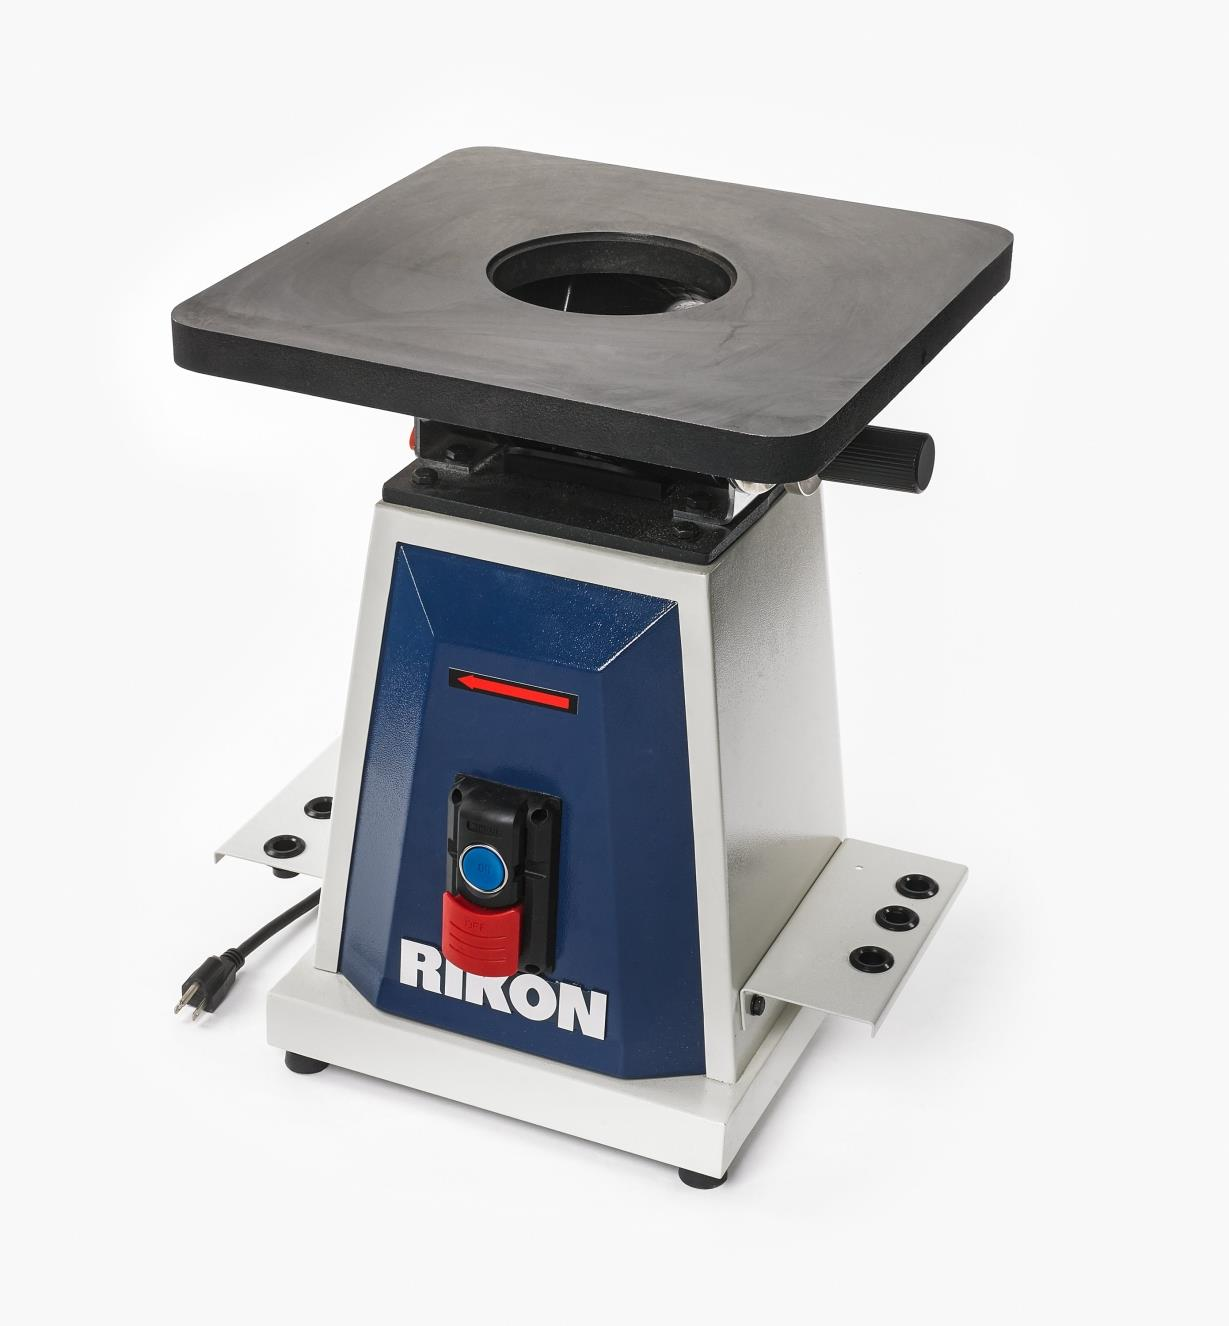 03J7400 - Rikon Oscillating Spindle Sande